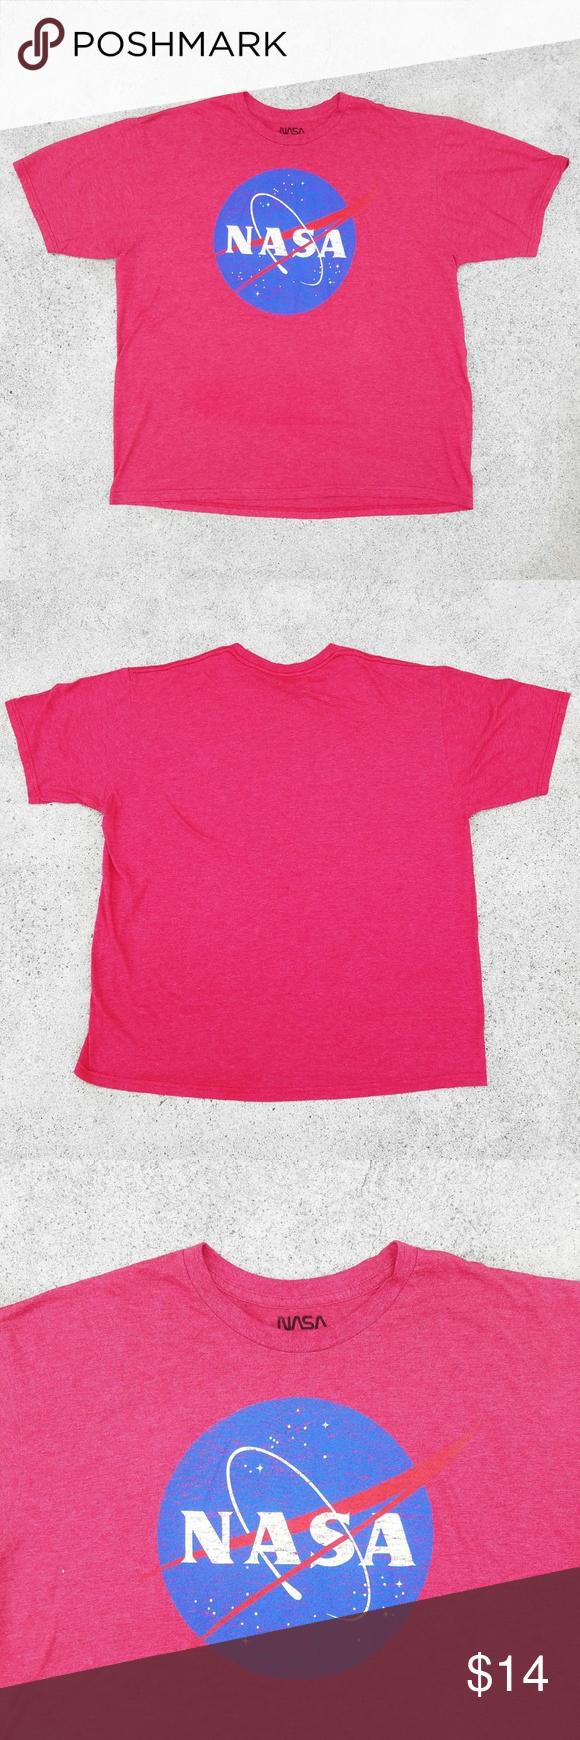 Red Nasa Heather Tshirt Red Nasa T Shirt The Logo Is A Bit Faded But I Think It Briyana Snipes In 2020 Nasa Clothes Nasa Shirt Nasa